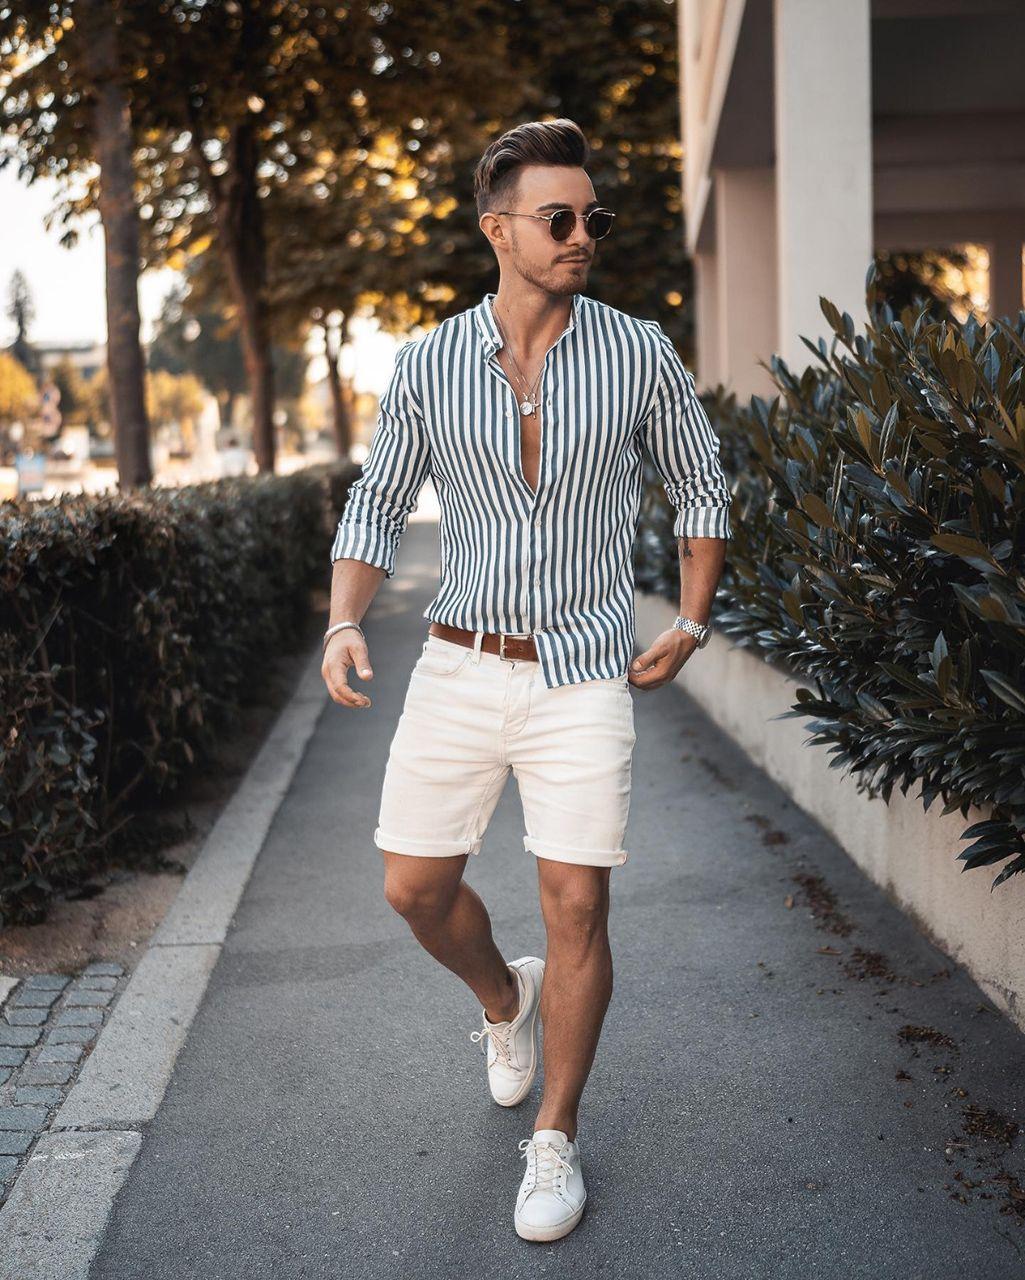 Como se vestir bem: dicas de moda masculina